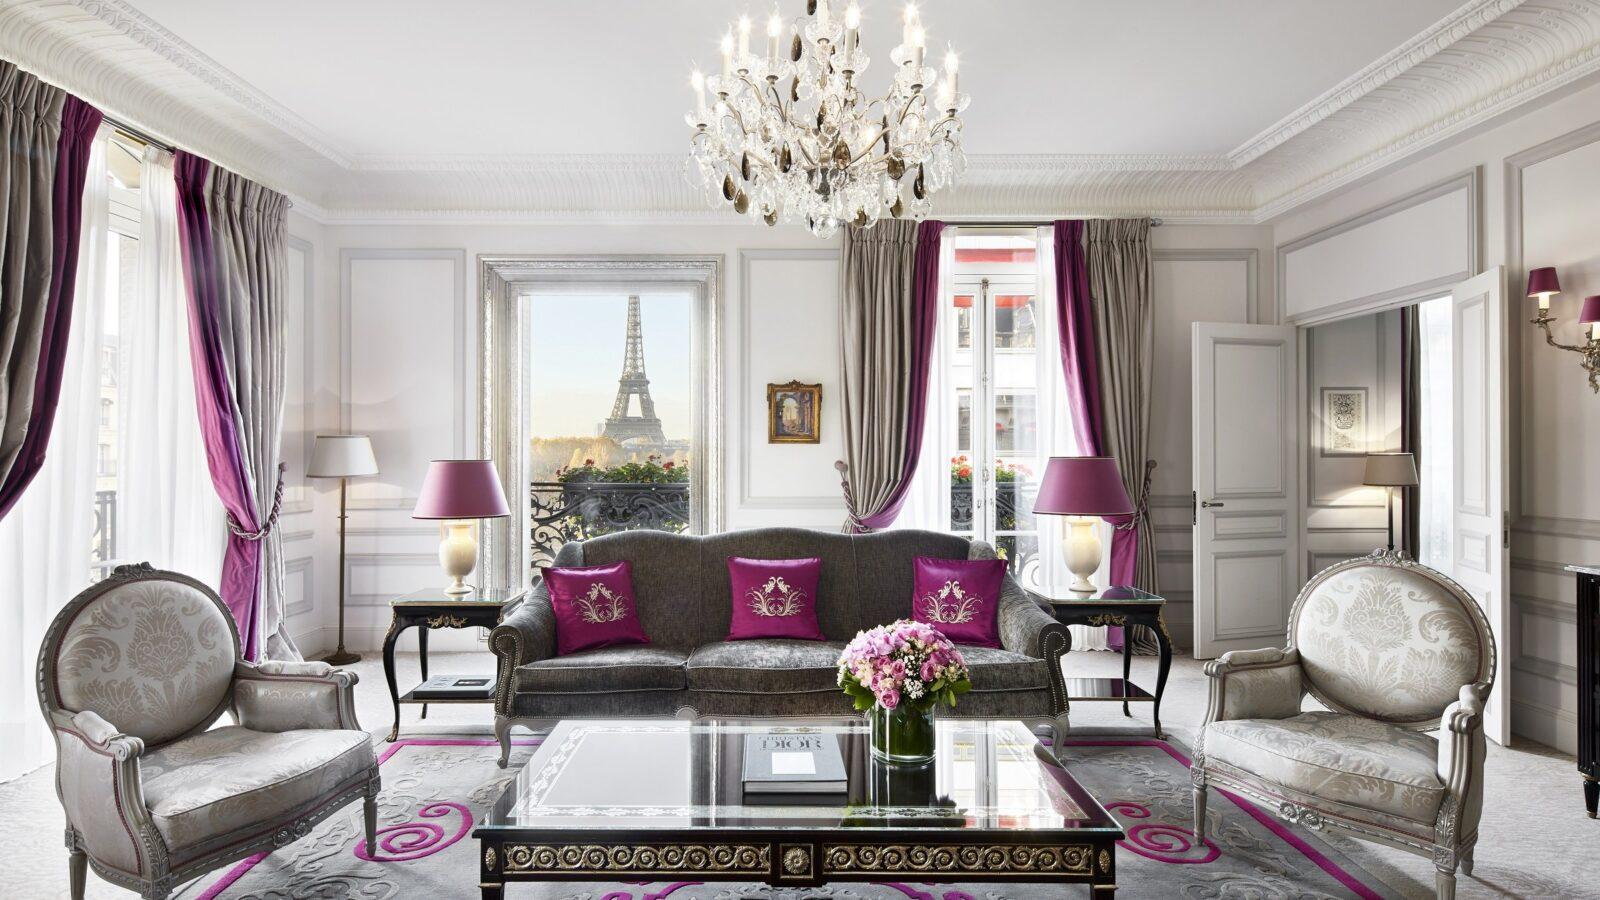 Eiffel Suite at Hôtel Plaza Athénée, Paris